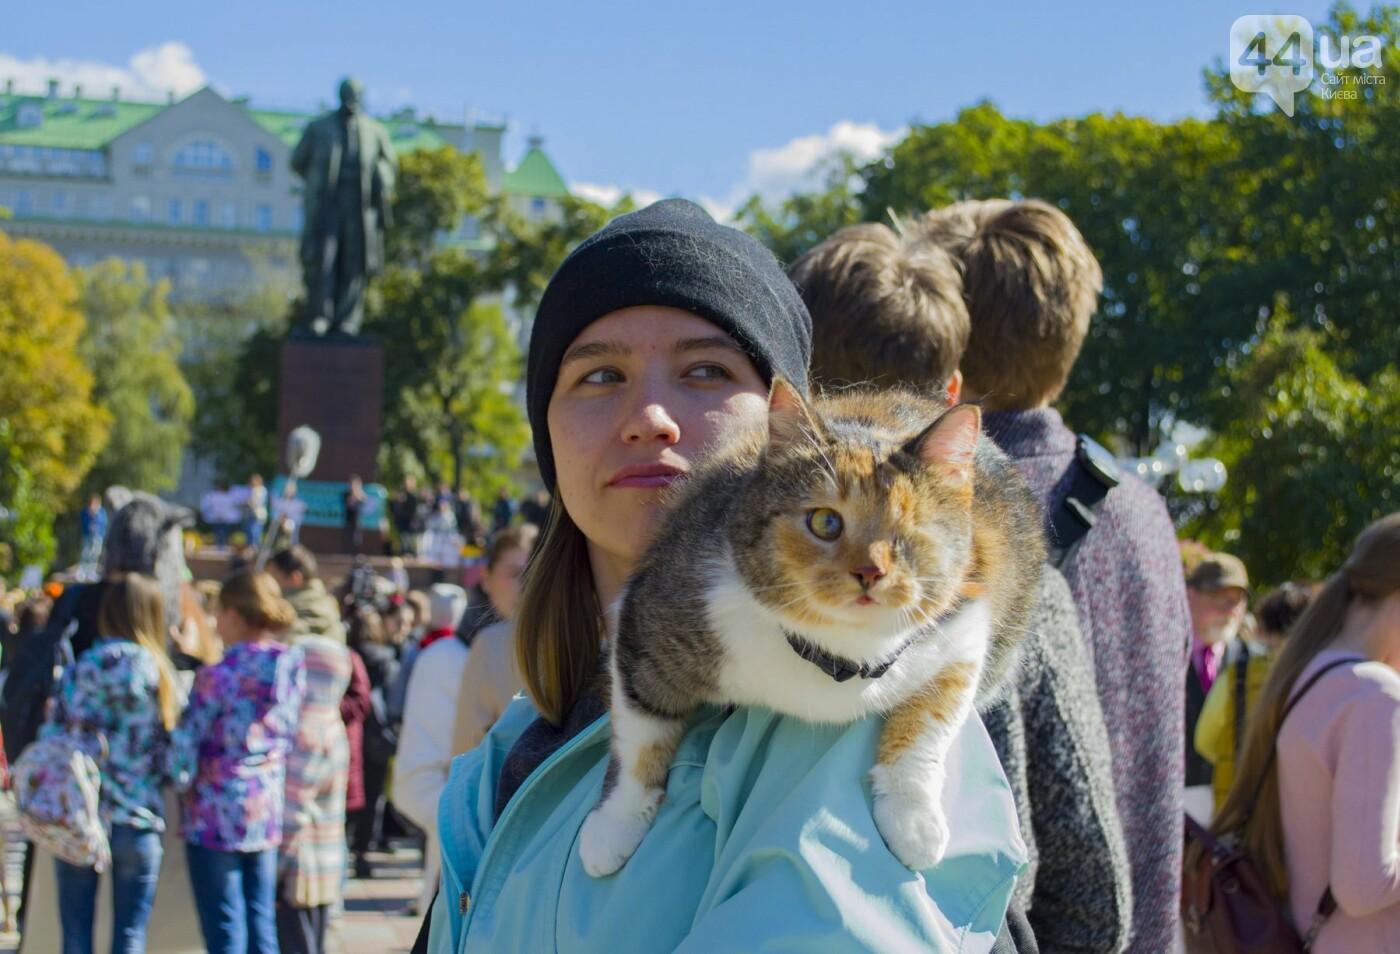 Собаки, коты и хомячки: в Киеве прошла акция за права животных, - ФОТОРЕПОРТАЖ, фото-36